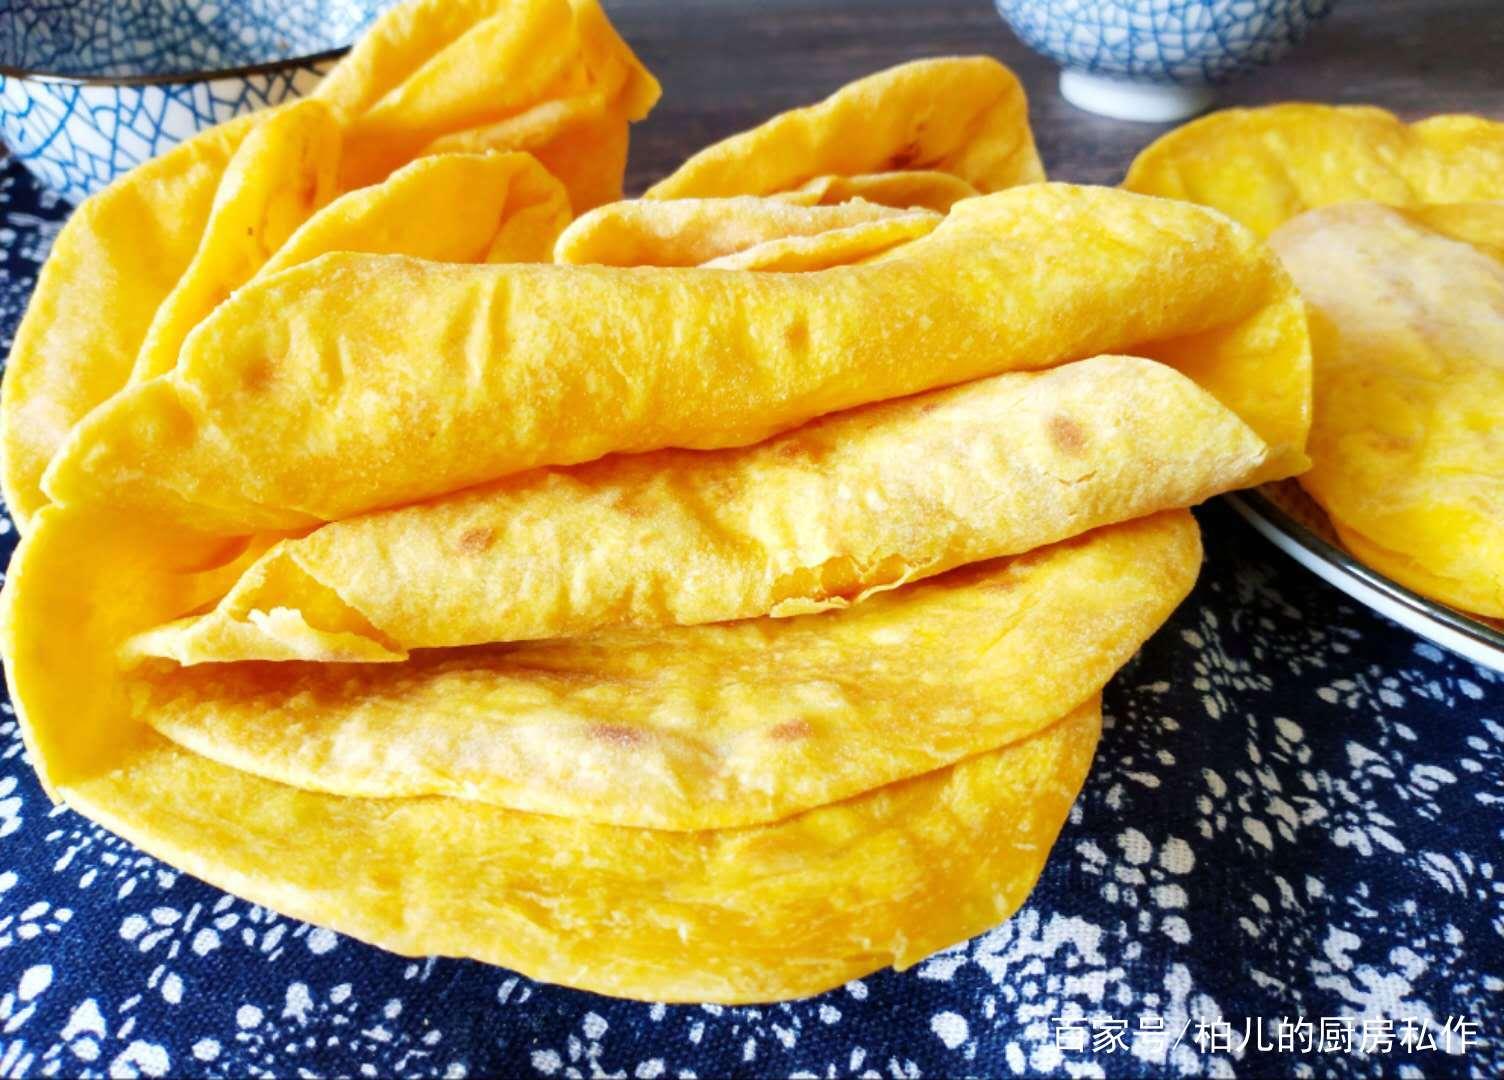 【南瓜饼怎么做好吃又简单】南瓜饼怎么做 南瓜饼早餐的制作方法